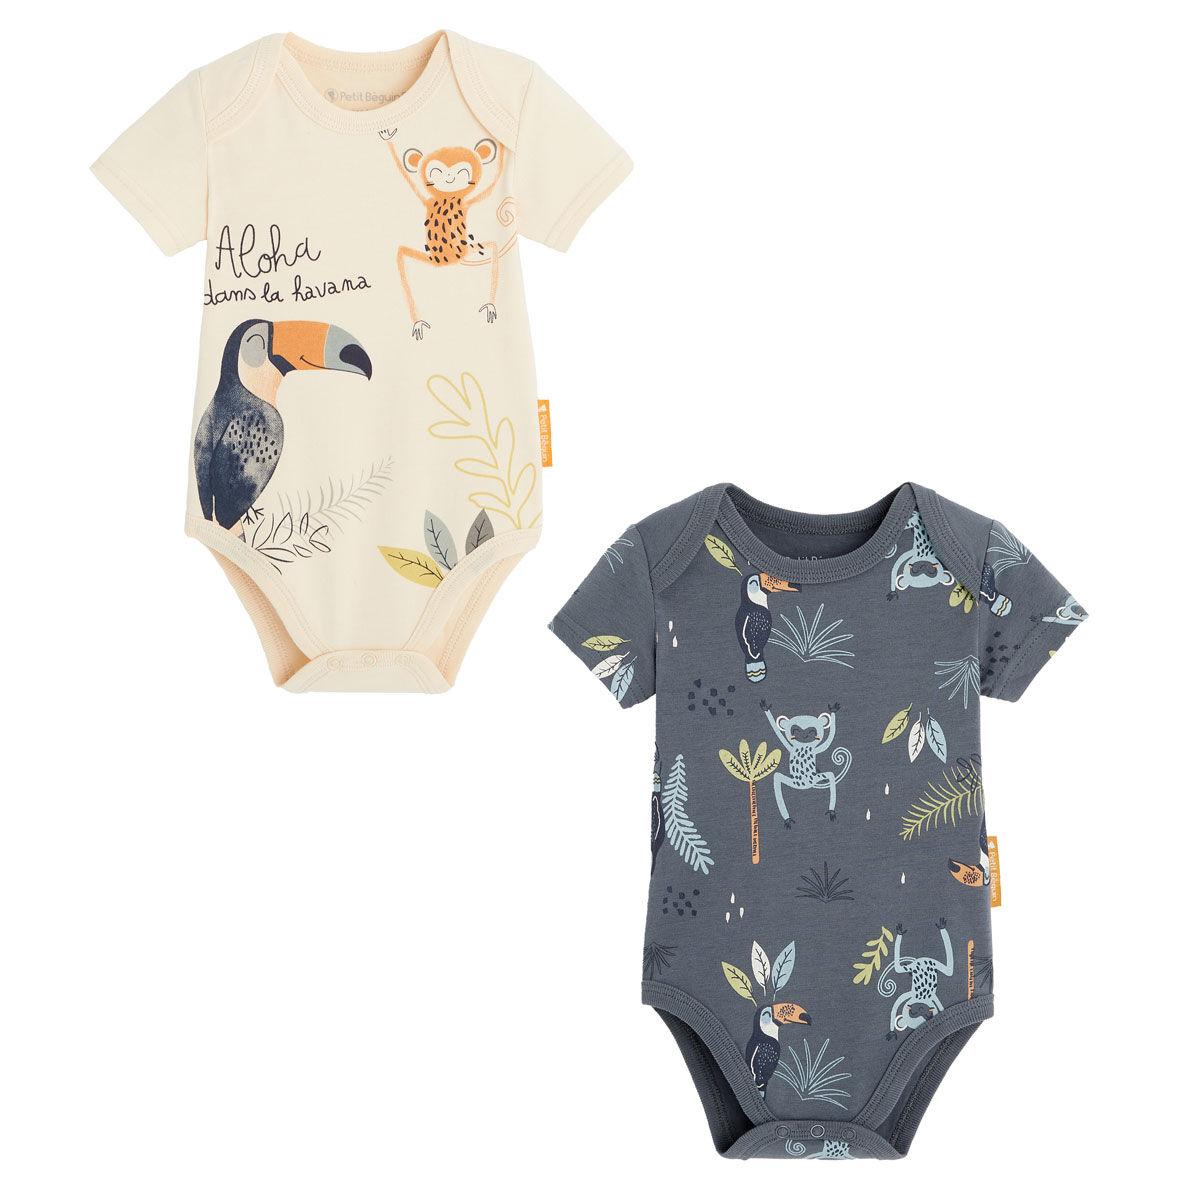 Petit Béguin Lot de 2 bodies bébé garçon manches courtes contenant du coton bio Aloha Havana - Taille - 6 mois